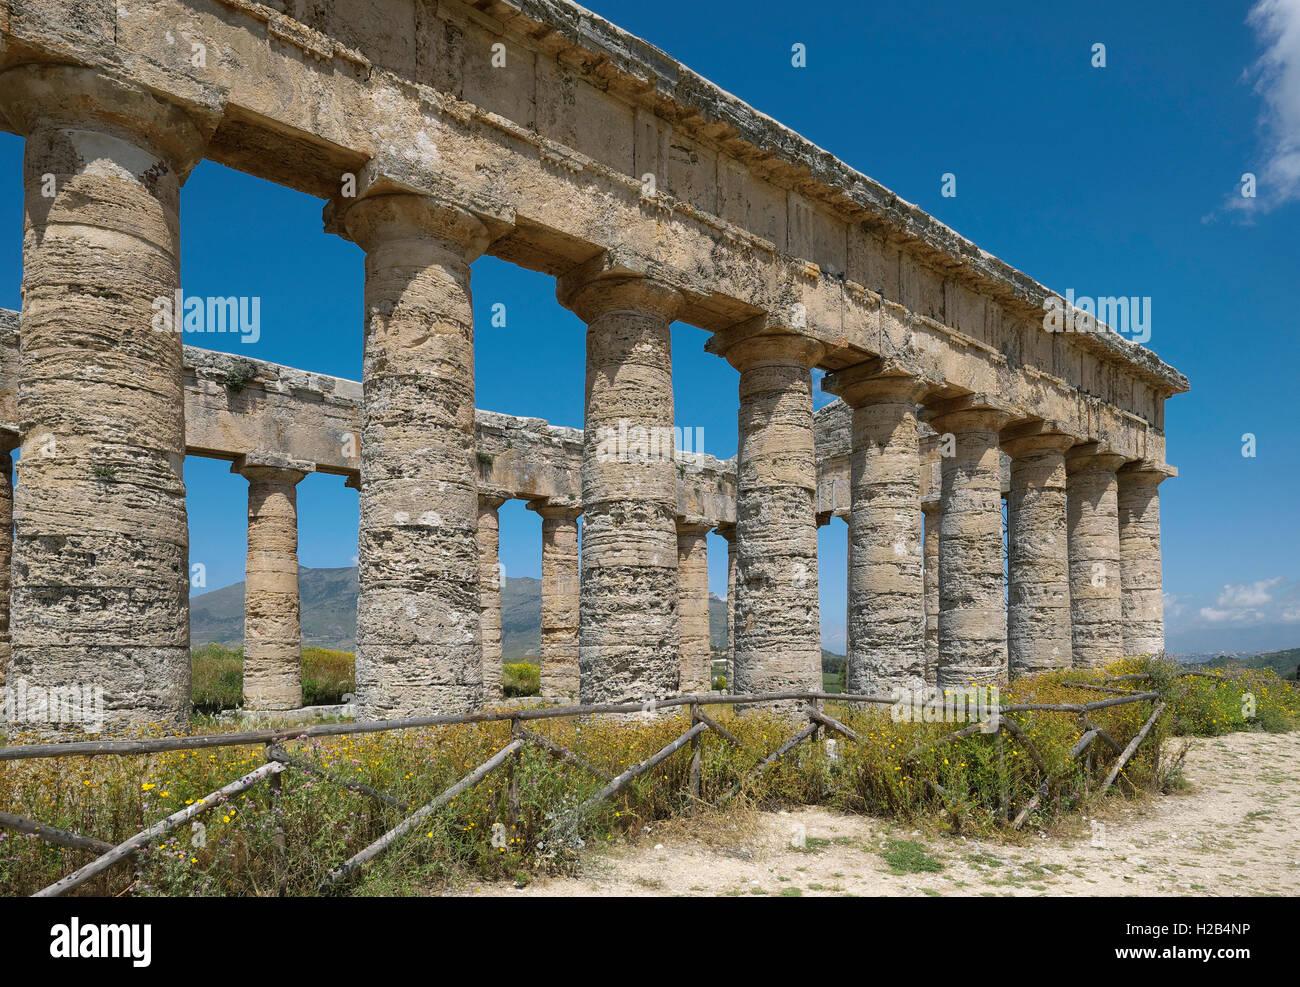 Antico tempio di Segesta, in provincia di Trapani, Sicilia, Italia Immagini Stock